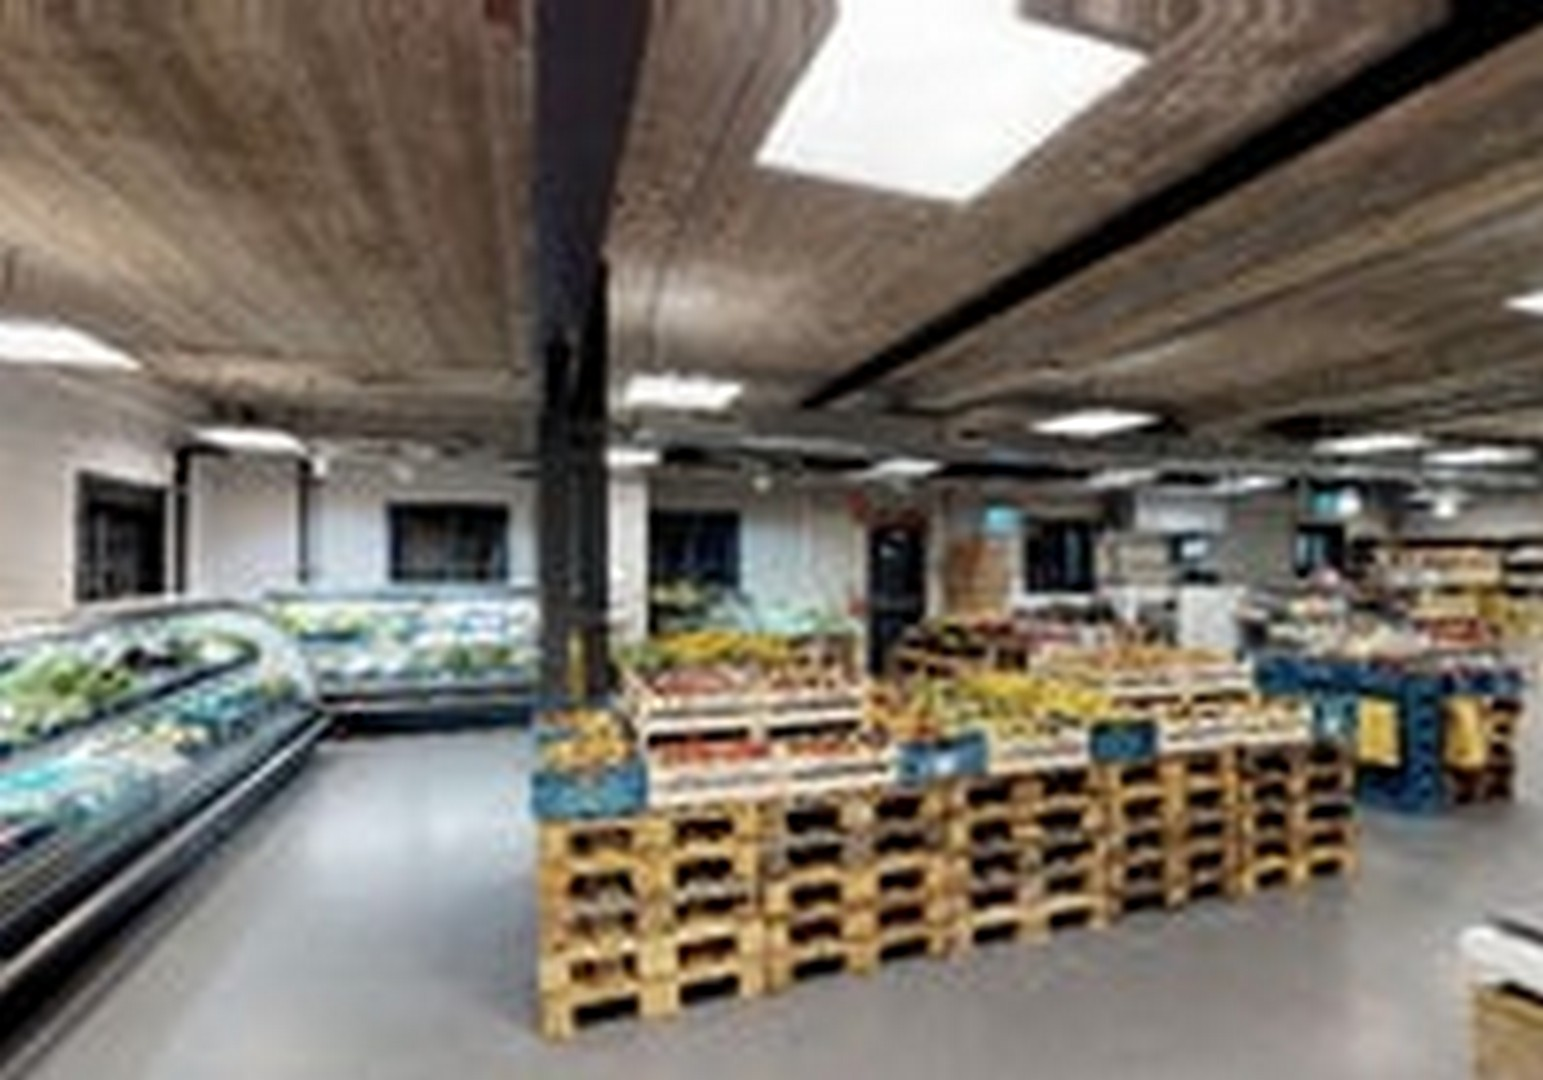 CRU wil vierde markt openen op Eylenbosch-site in Dilbeek - Cru Overijs 3